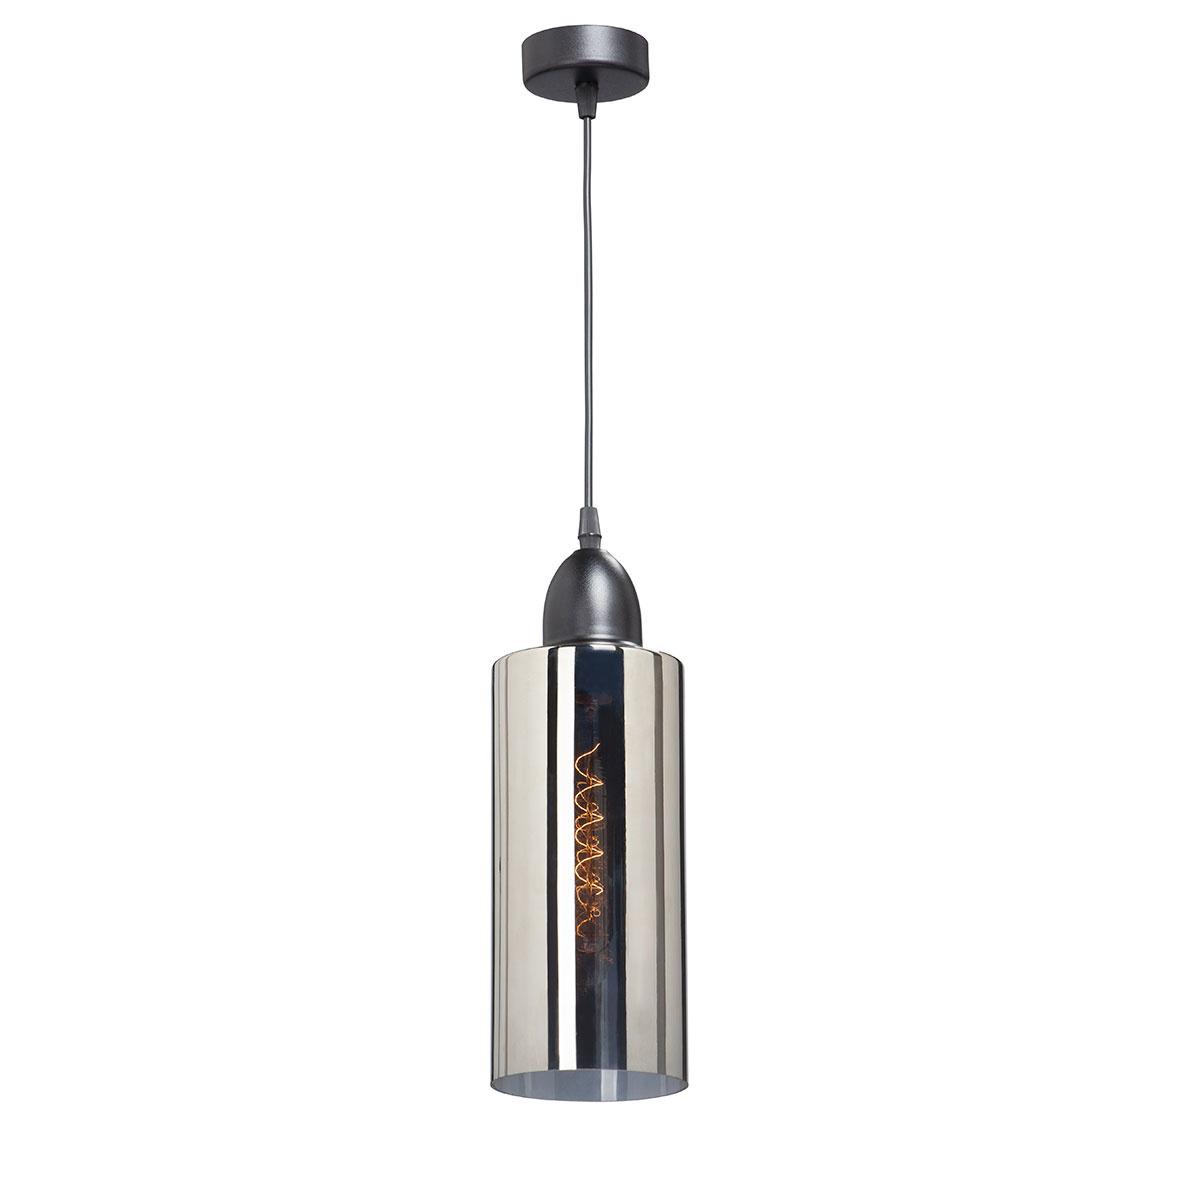 Подвесной светильник Vitaluce V4264-9/1S - характеристики, техническое описание - маркетплейс goods